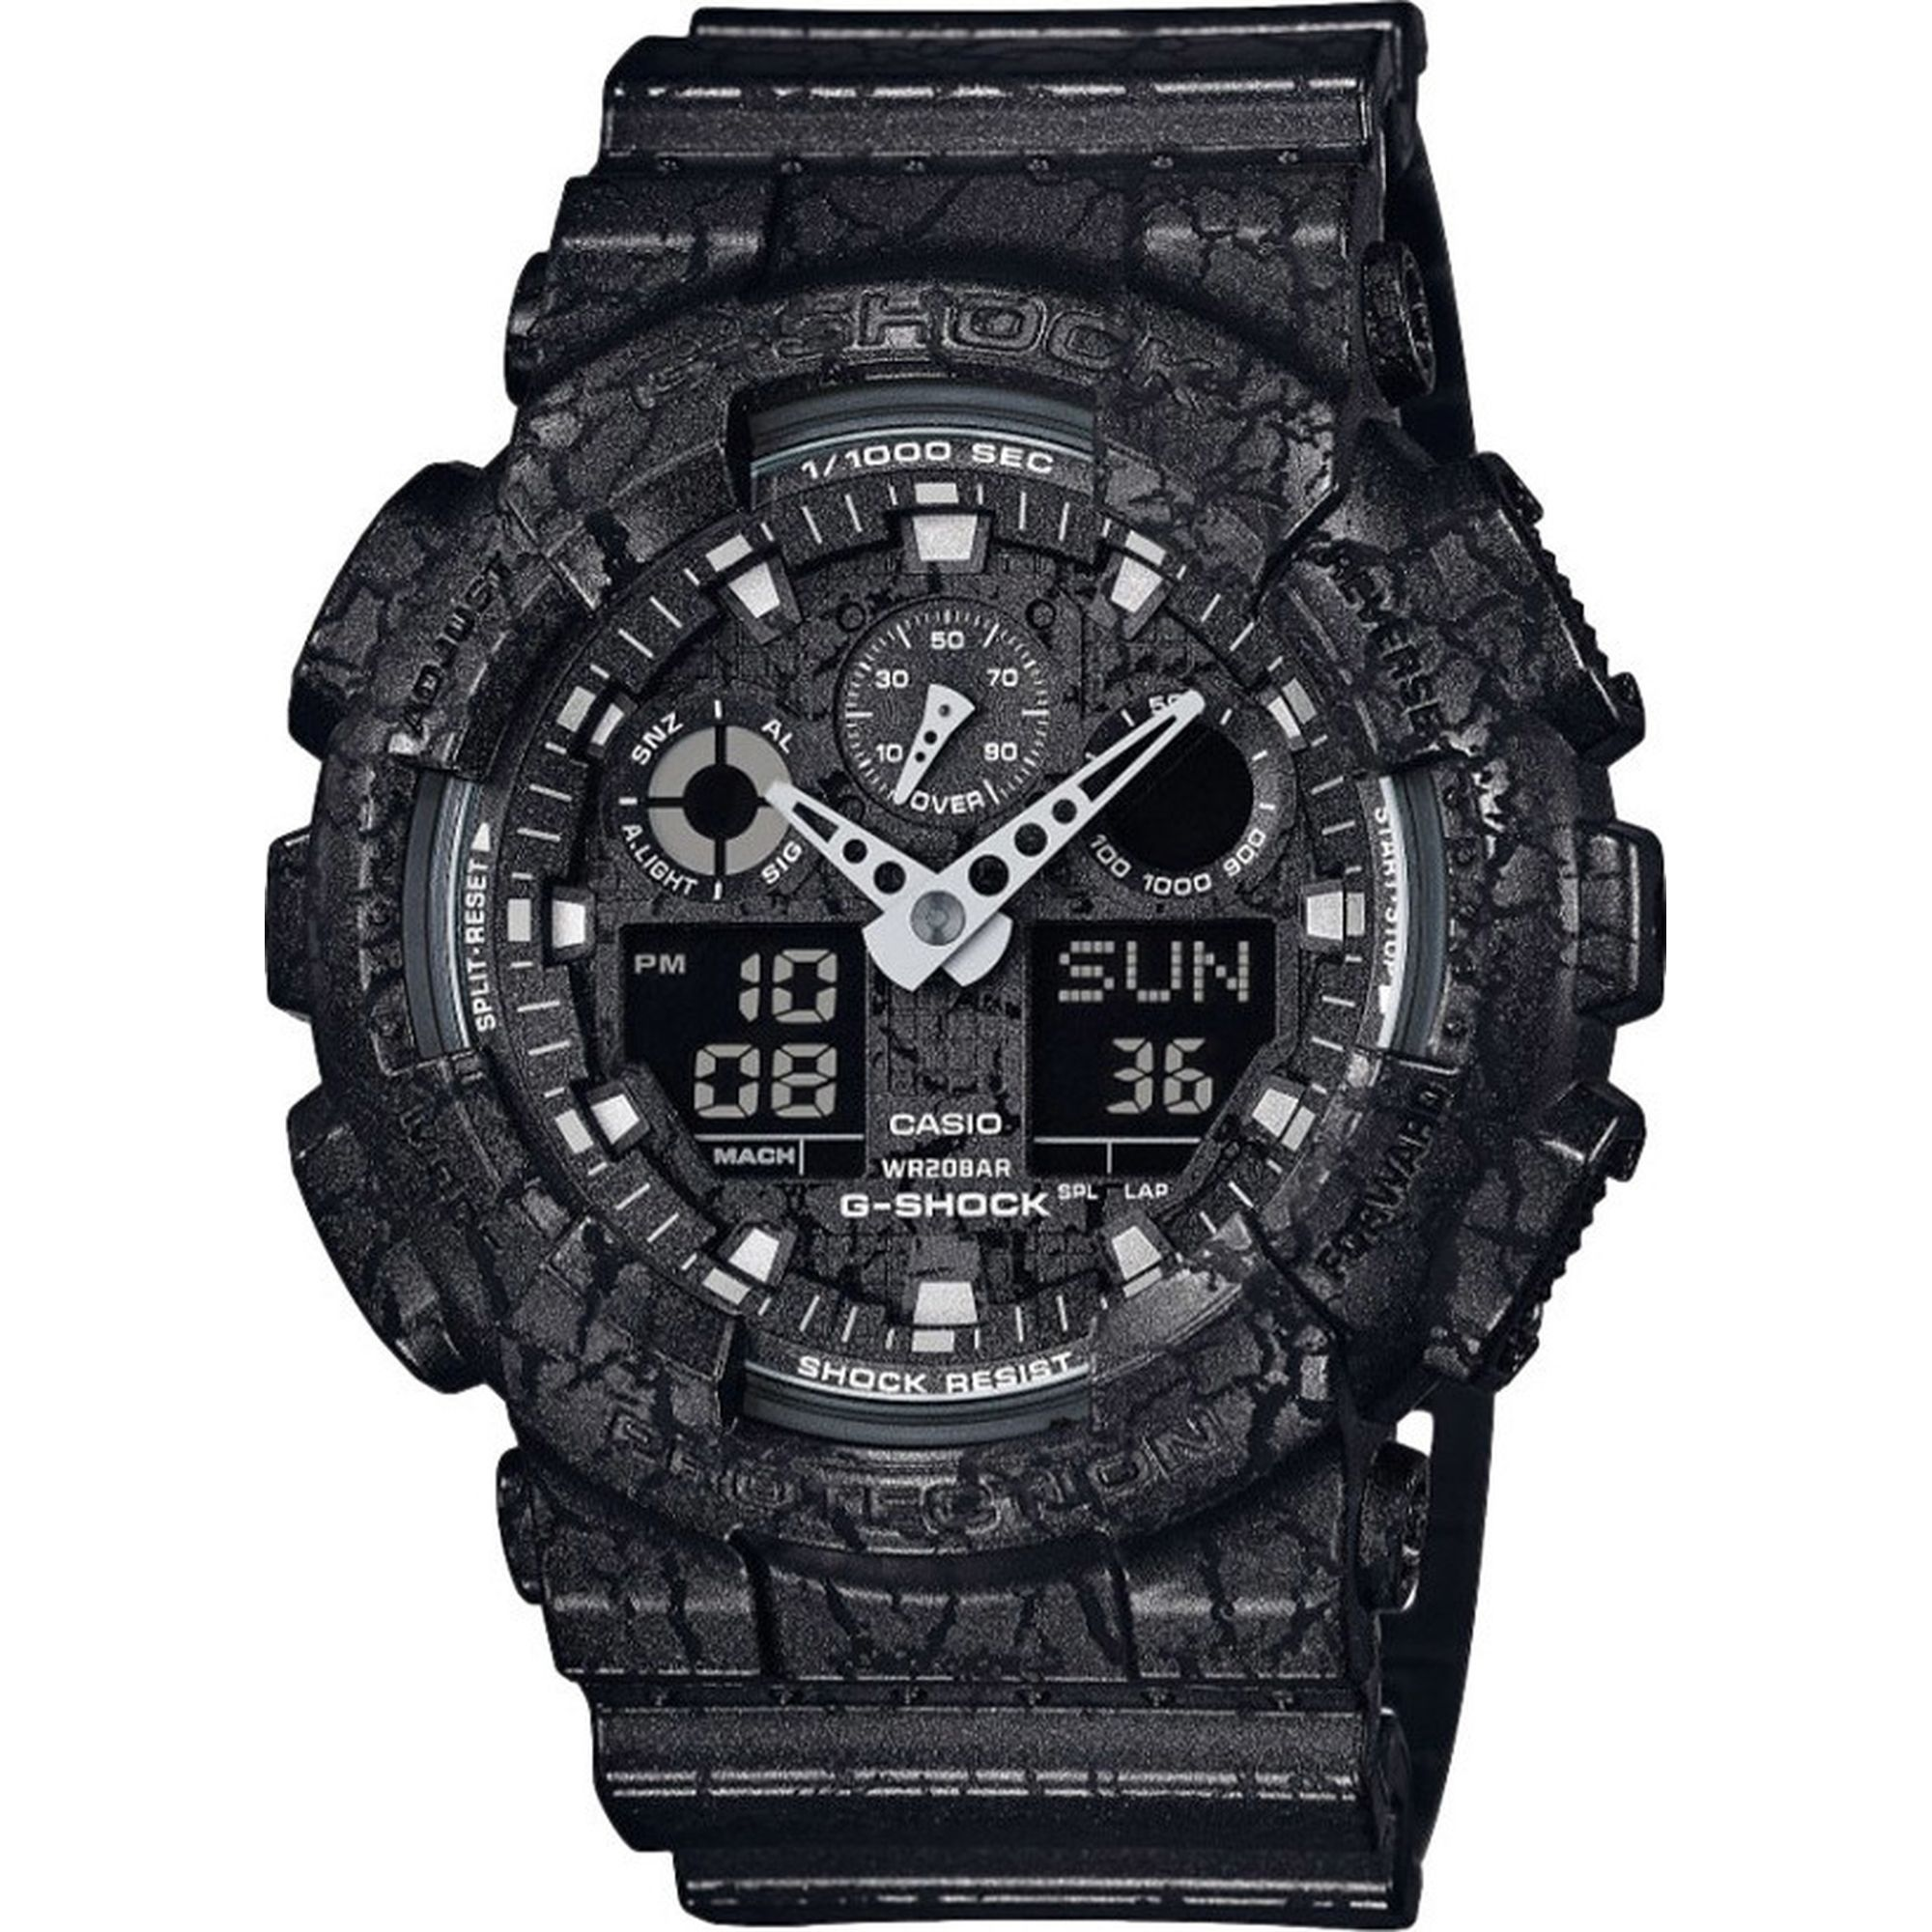 Casio G-Shock Analog-Digital Black case GA-100CG-1A